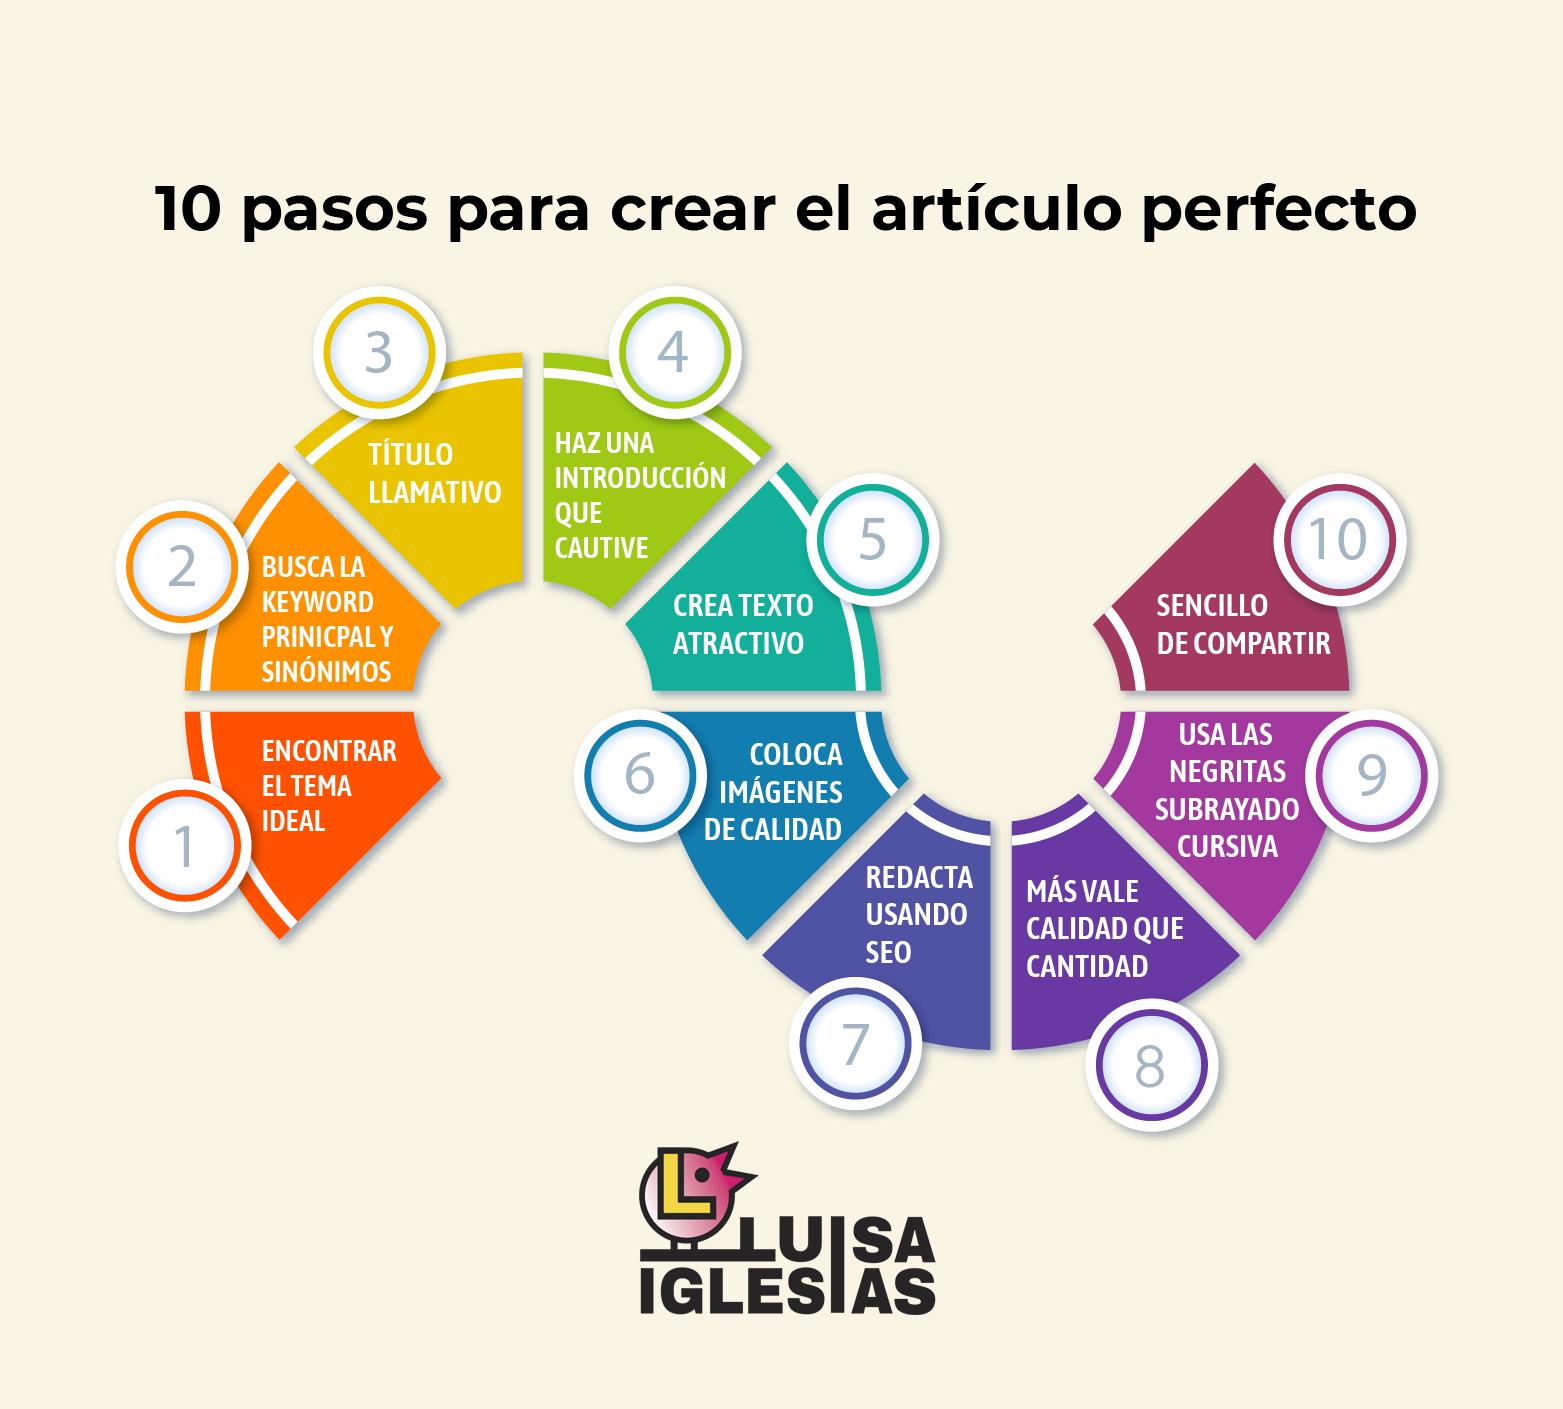 10 pasos para el articulo perfecto